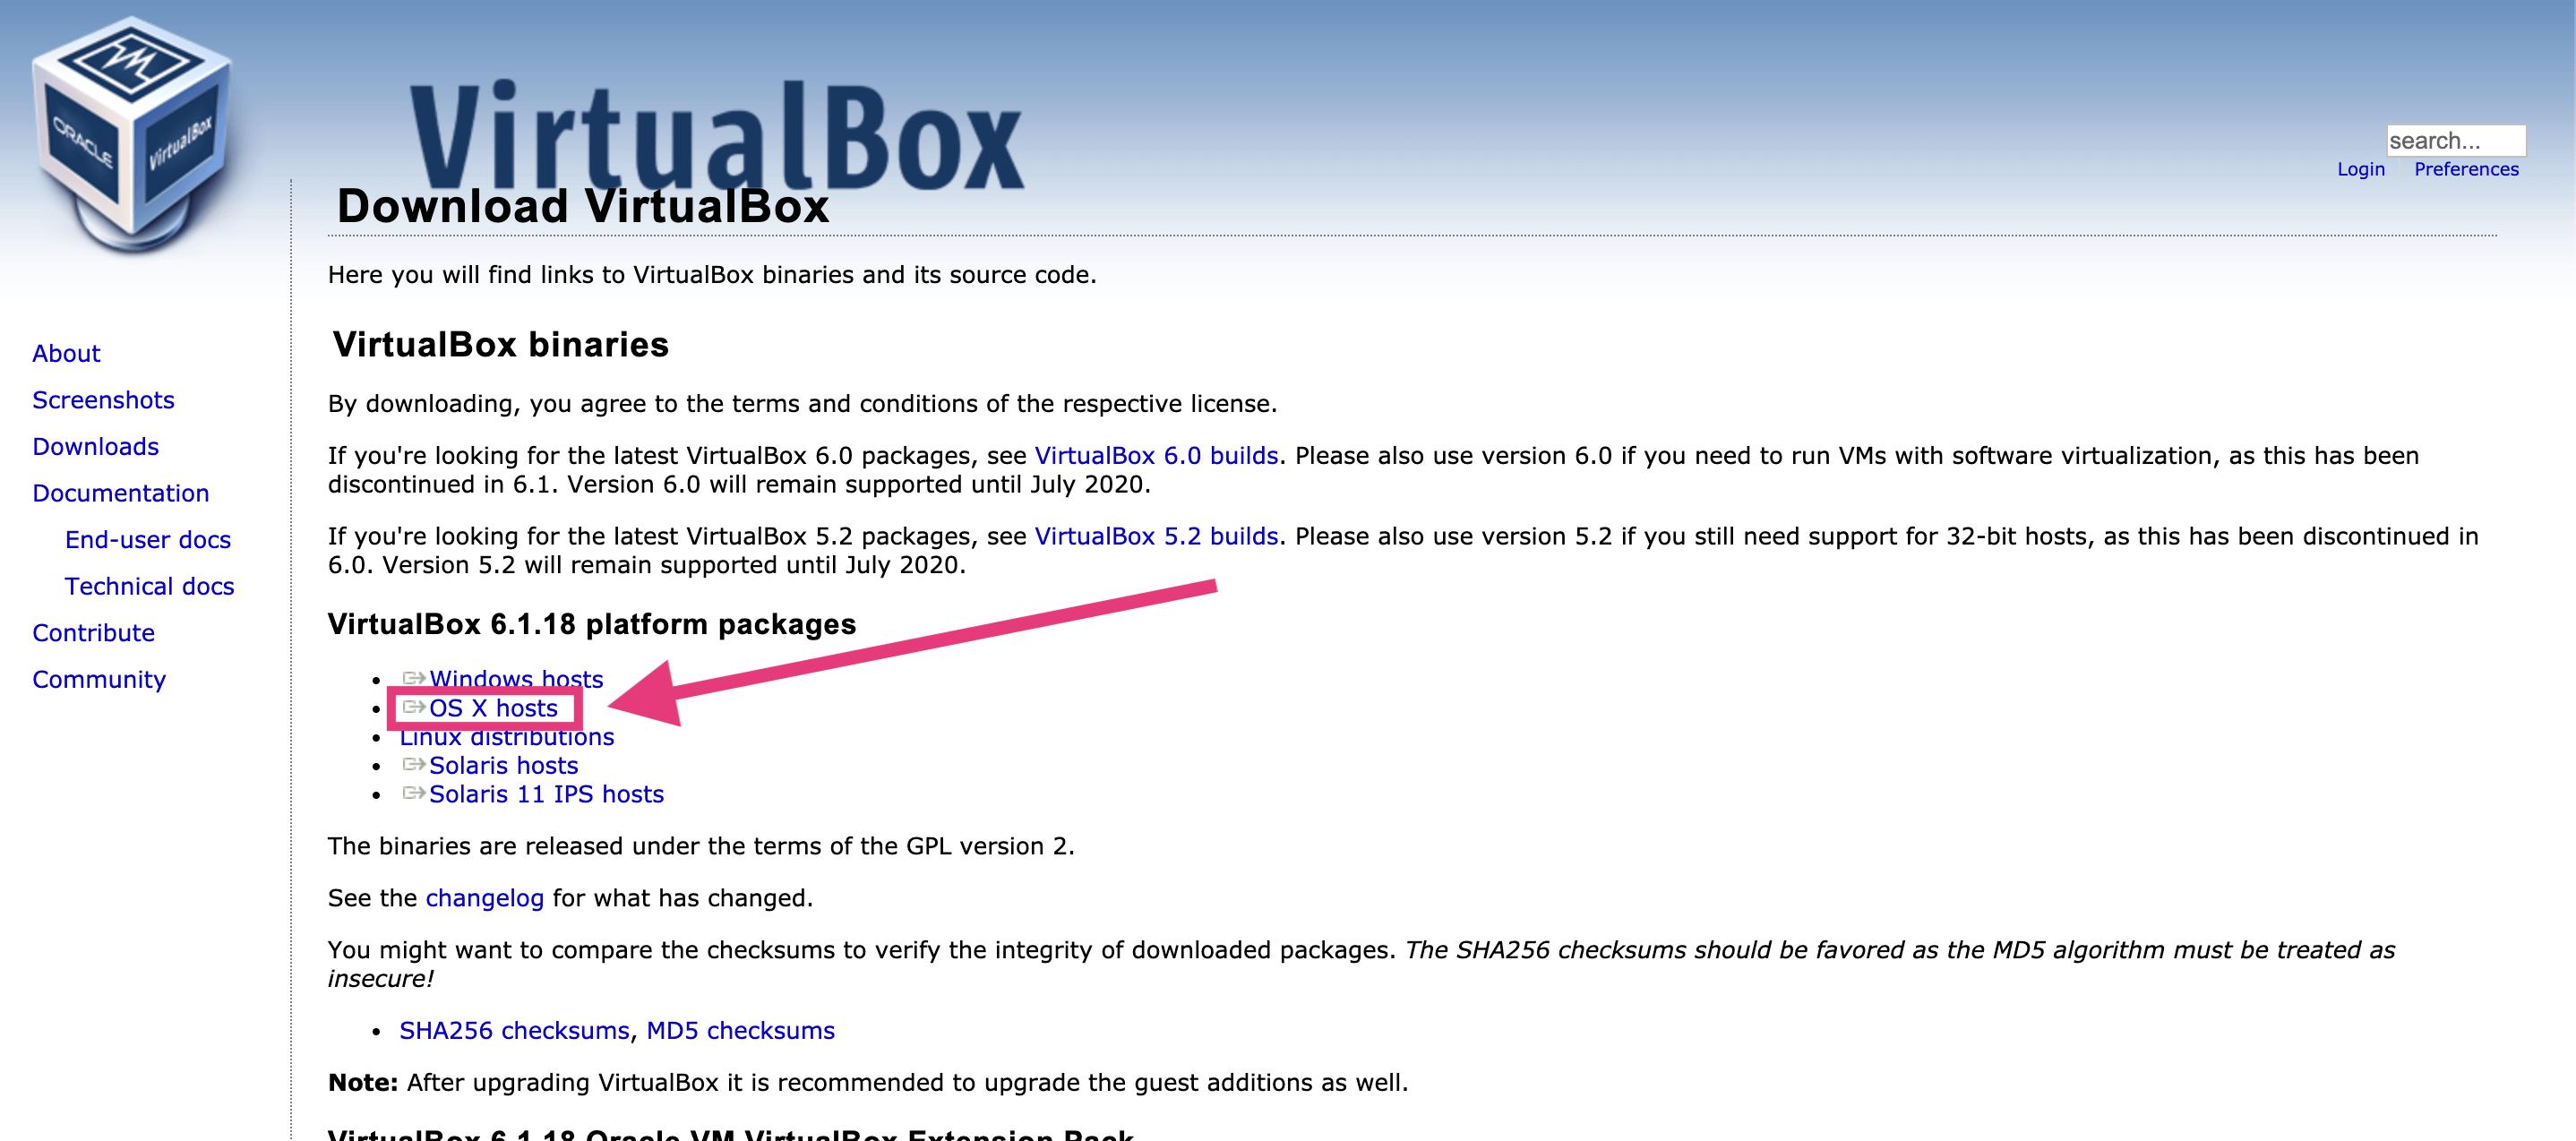 VirtualBoxをダウンロード&インストール